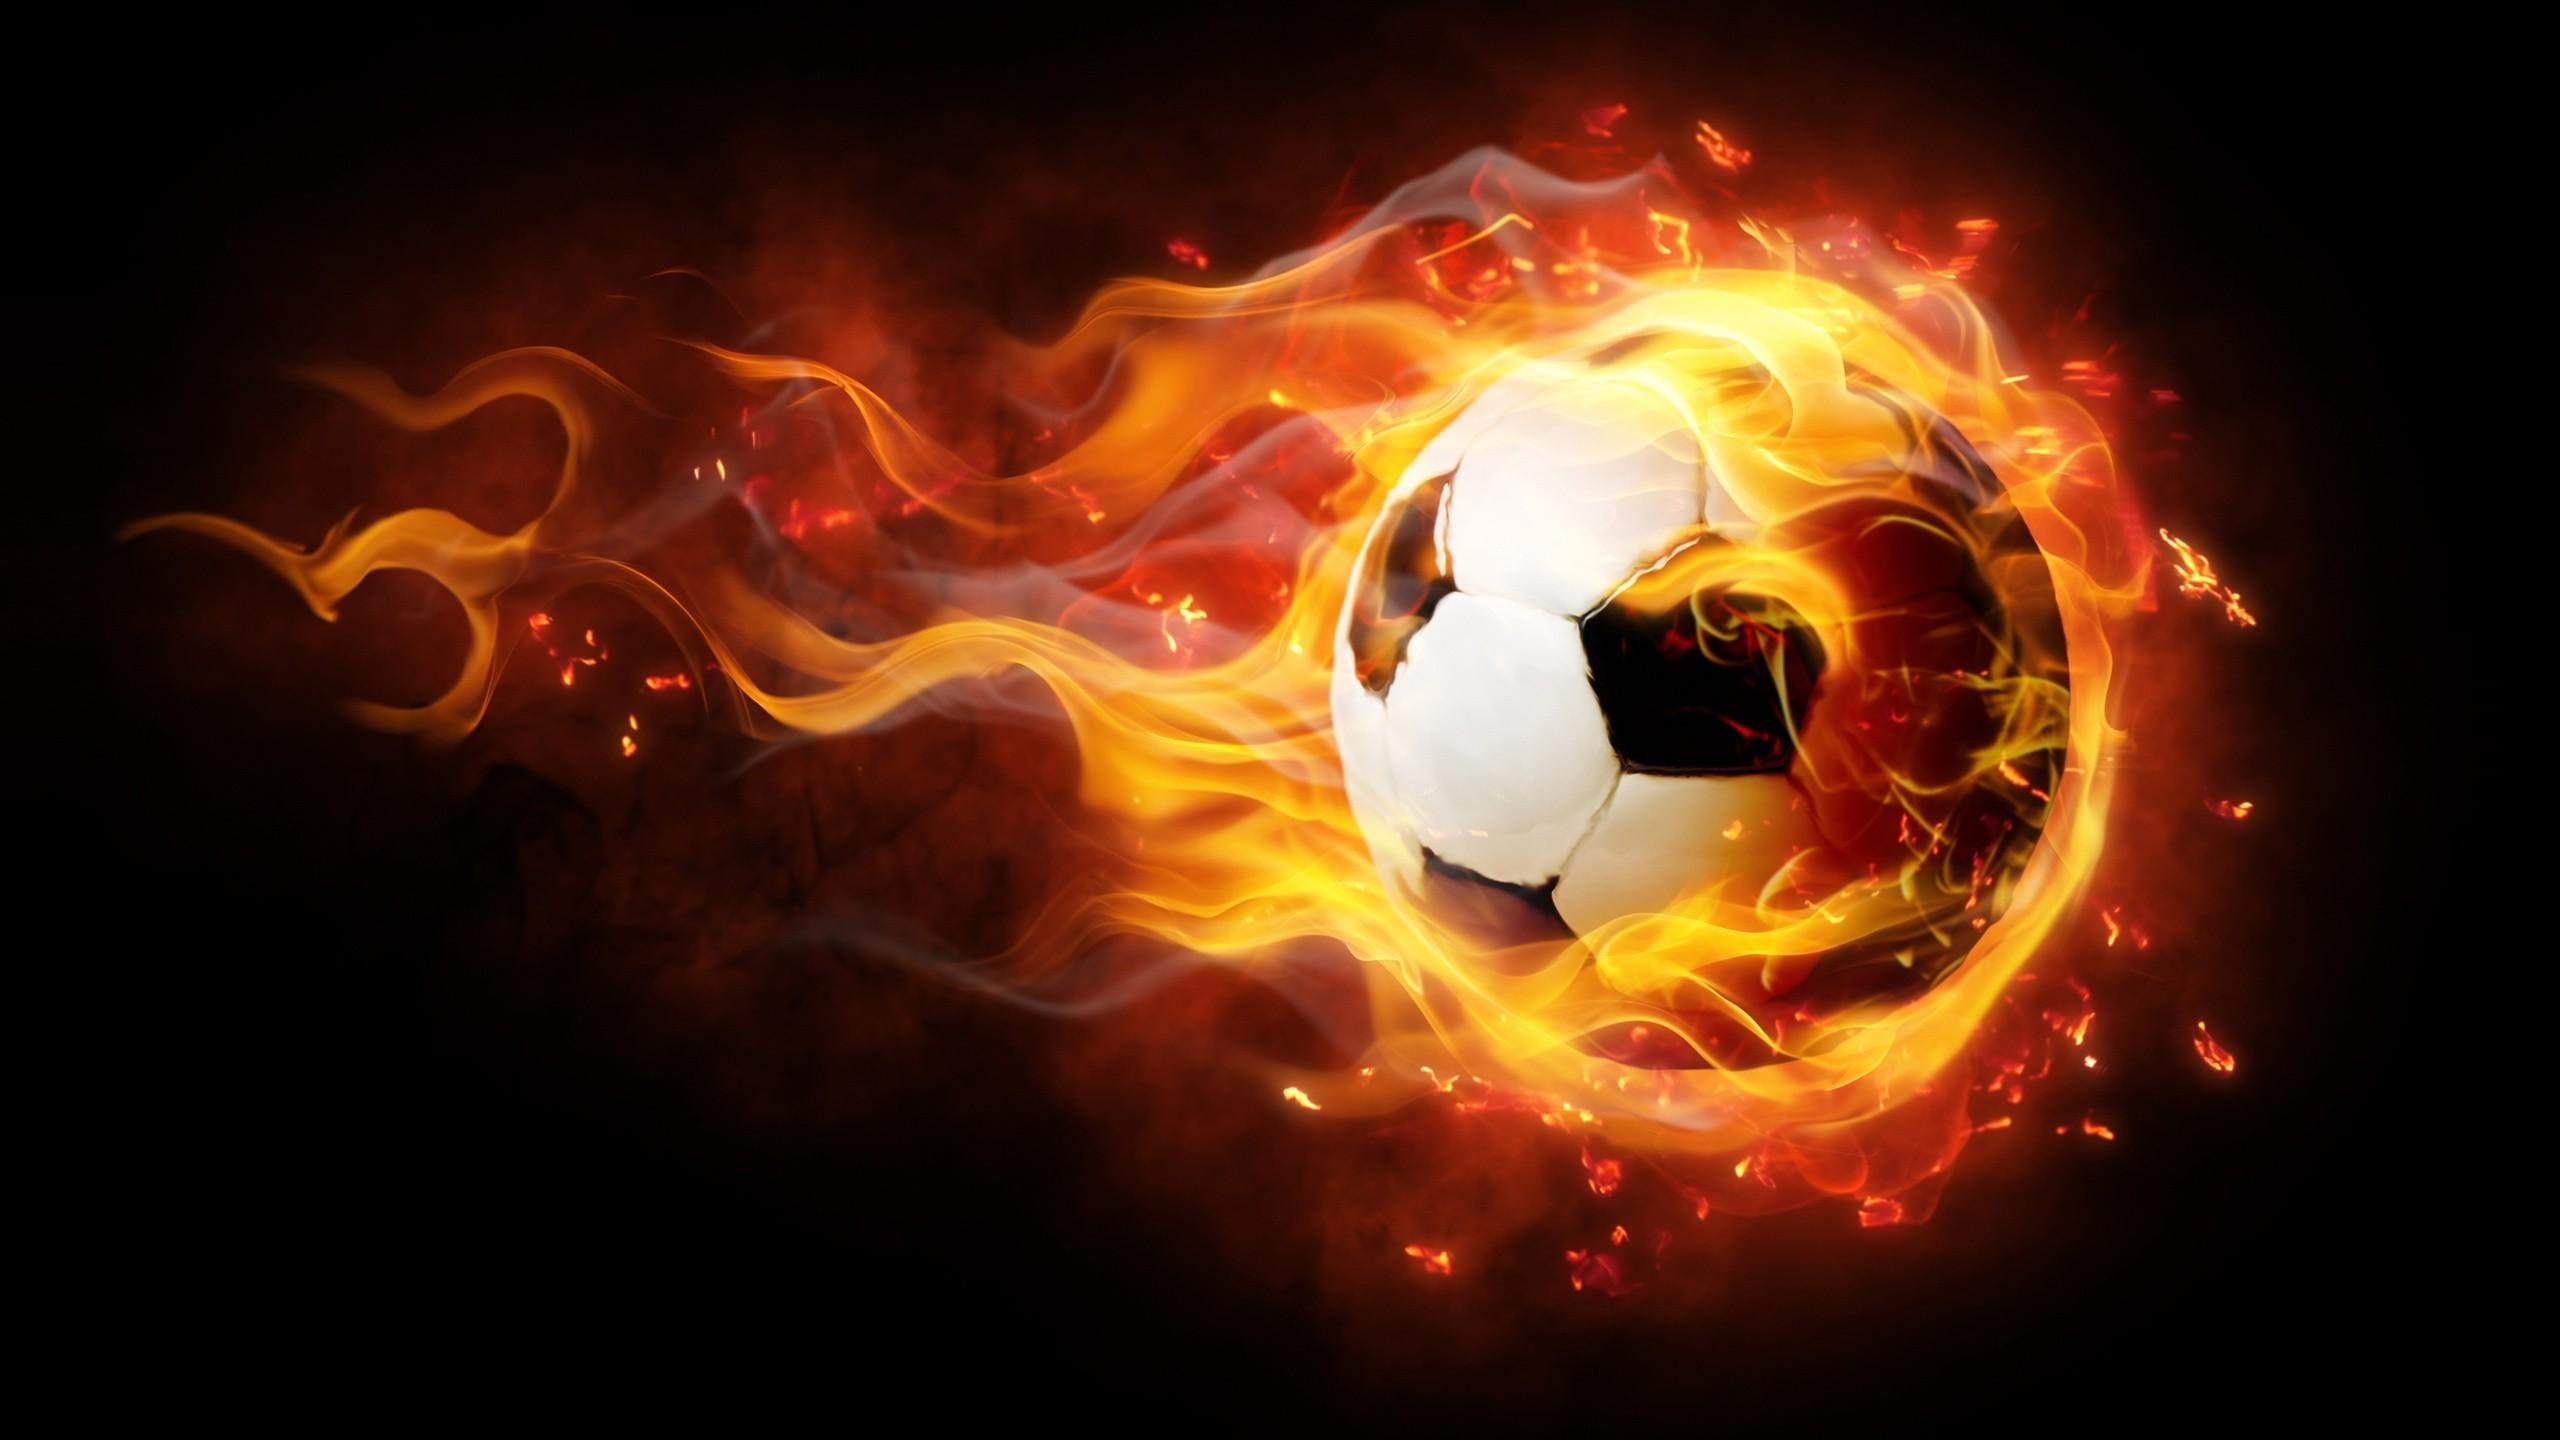 Soccer Fire Ball Desktop Background wallpaper